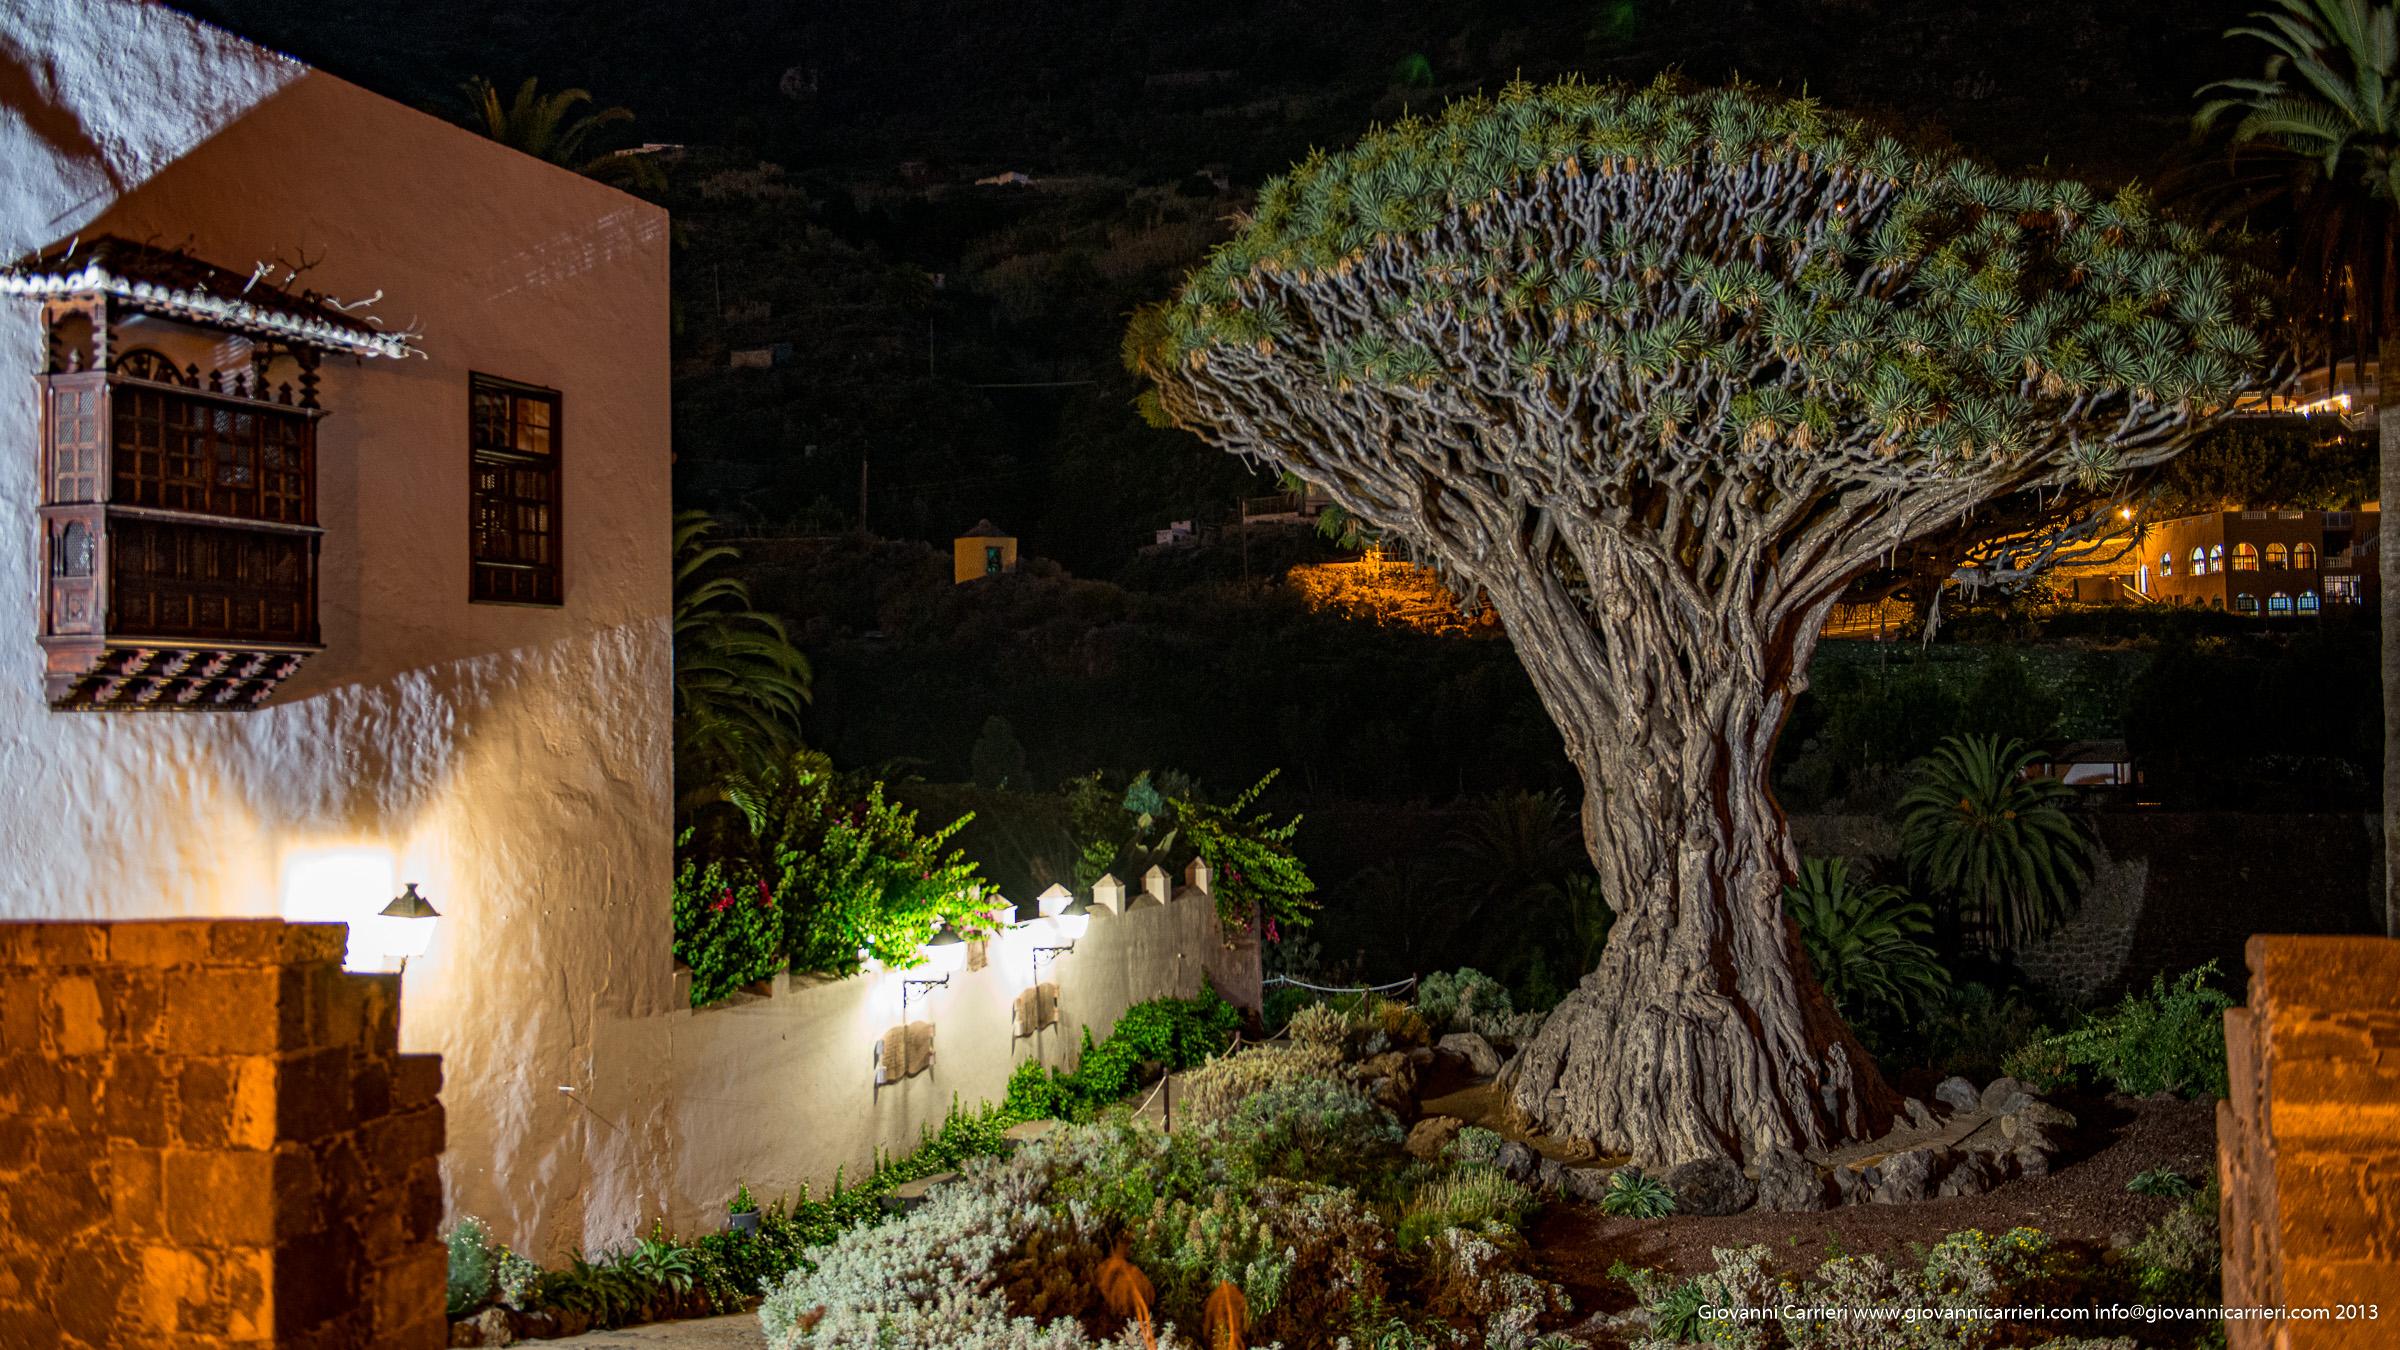 L'albero del Drago - Tenerife